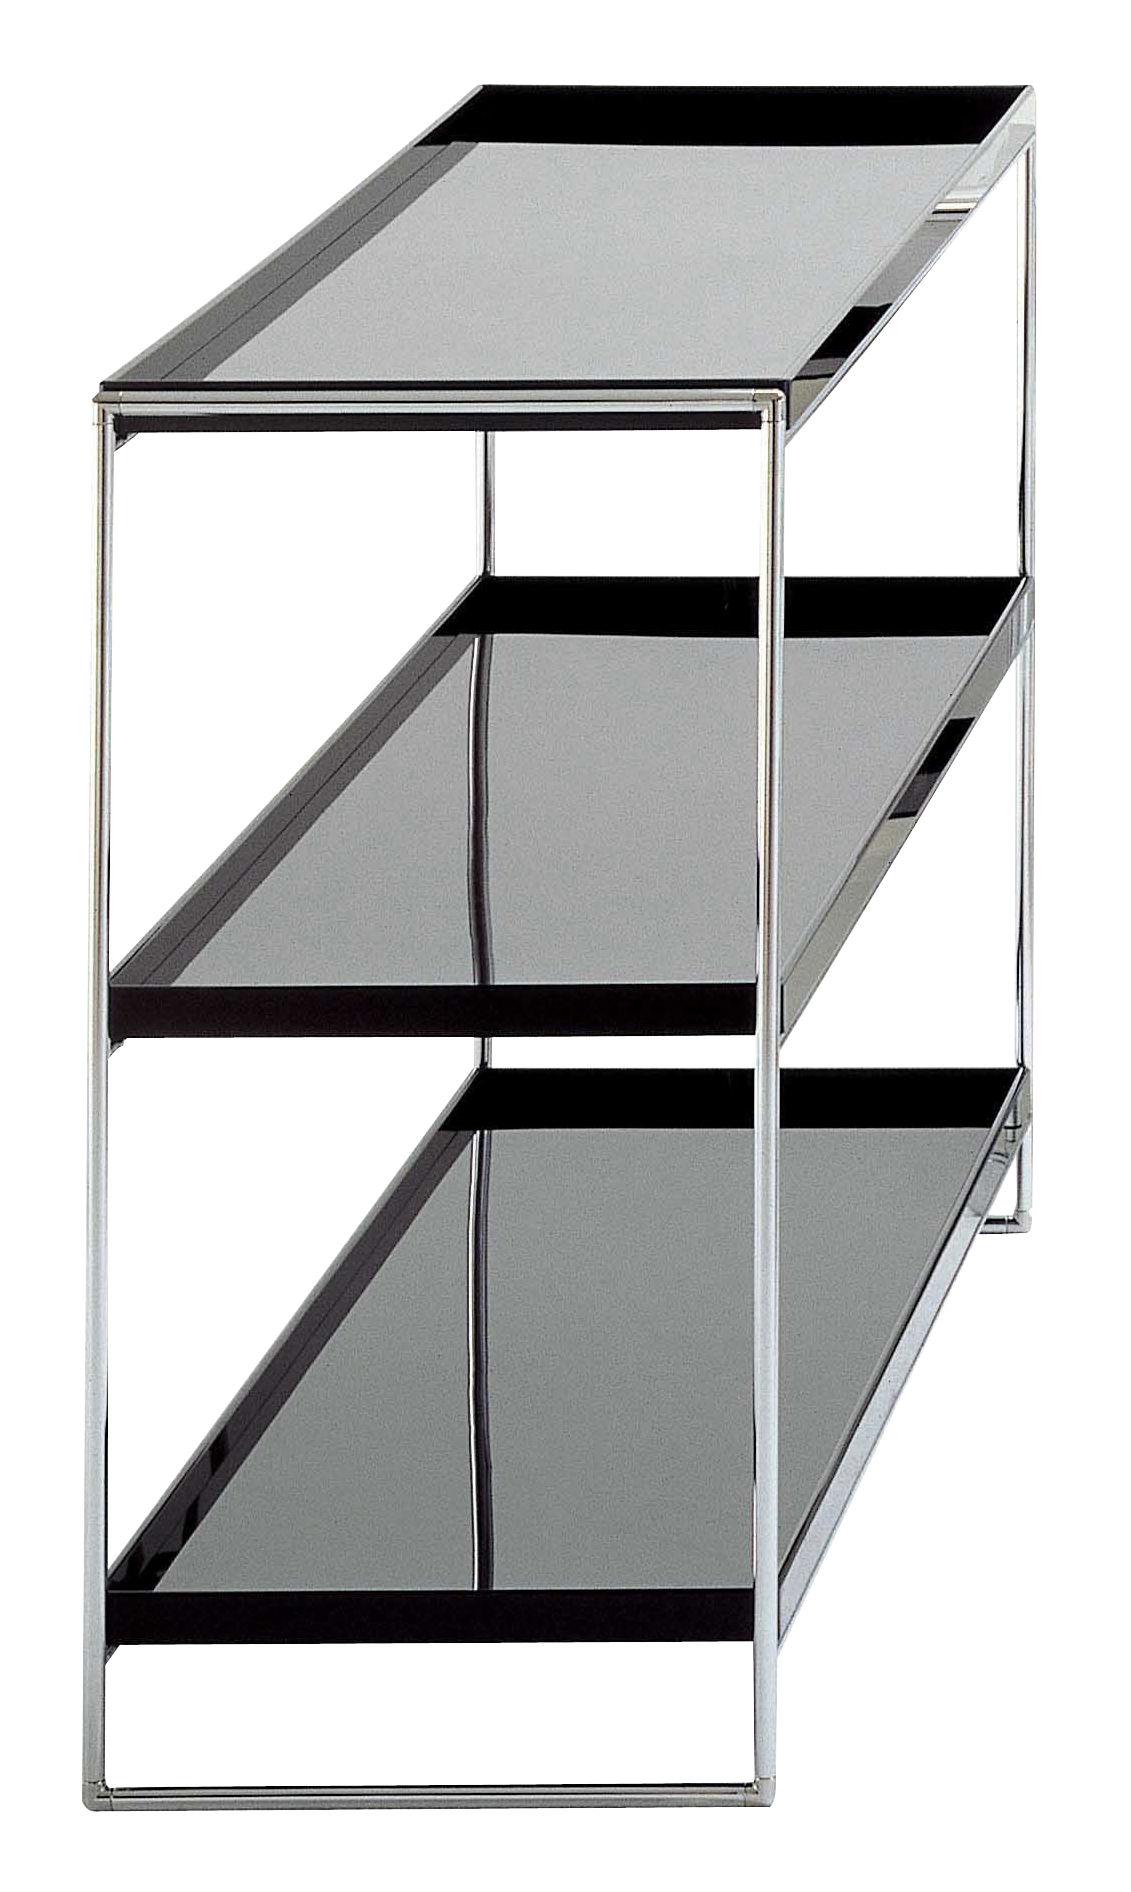 Möbel - Regale und Bücherregale - Trays Regal - Kartell - Schwarz - verchromter Stahl